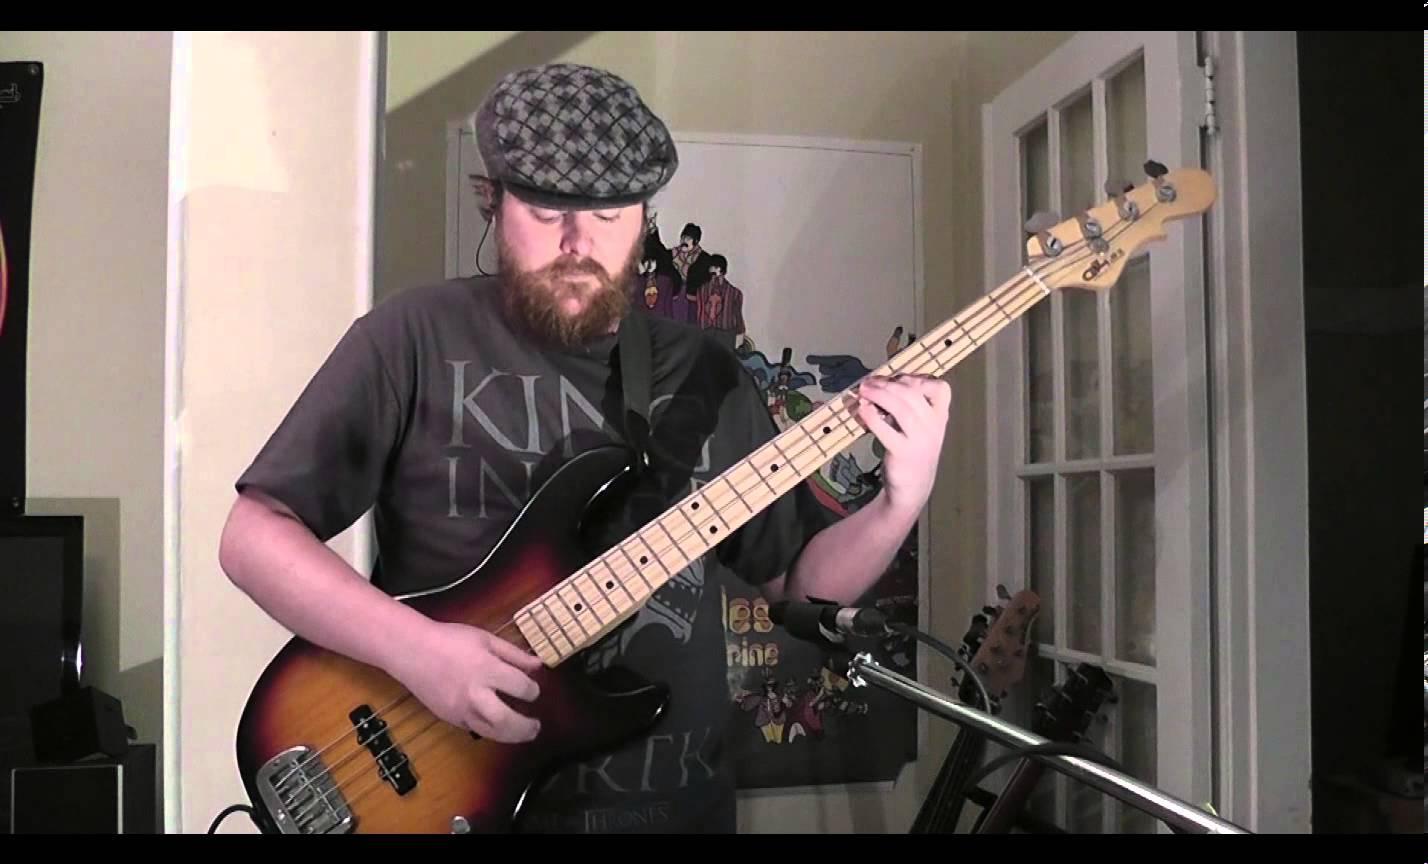 Daft Punk – Get Lucky – Bass Cover